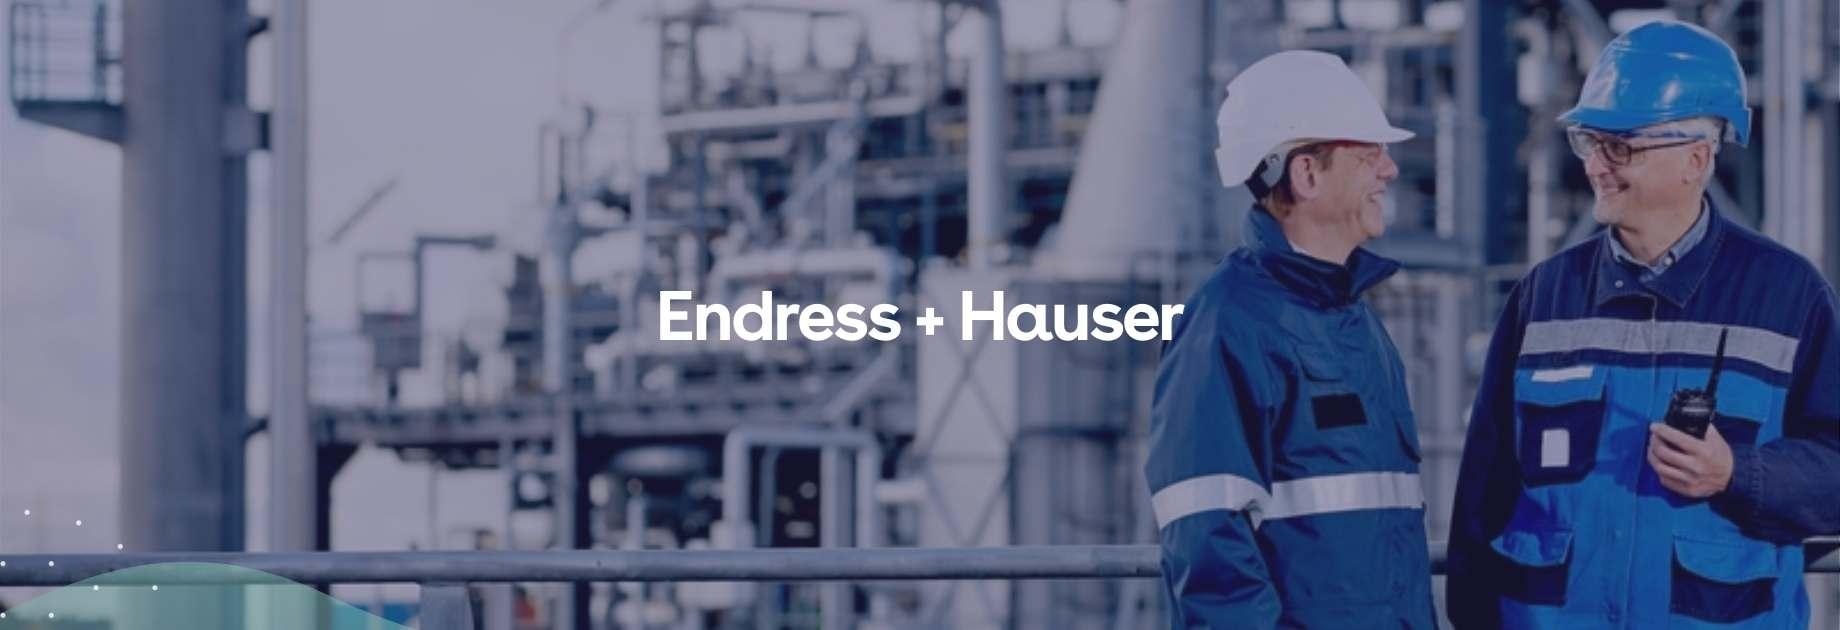 Endress Hauser Banner